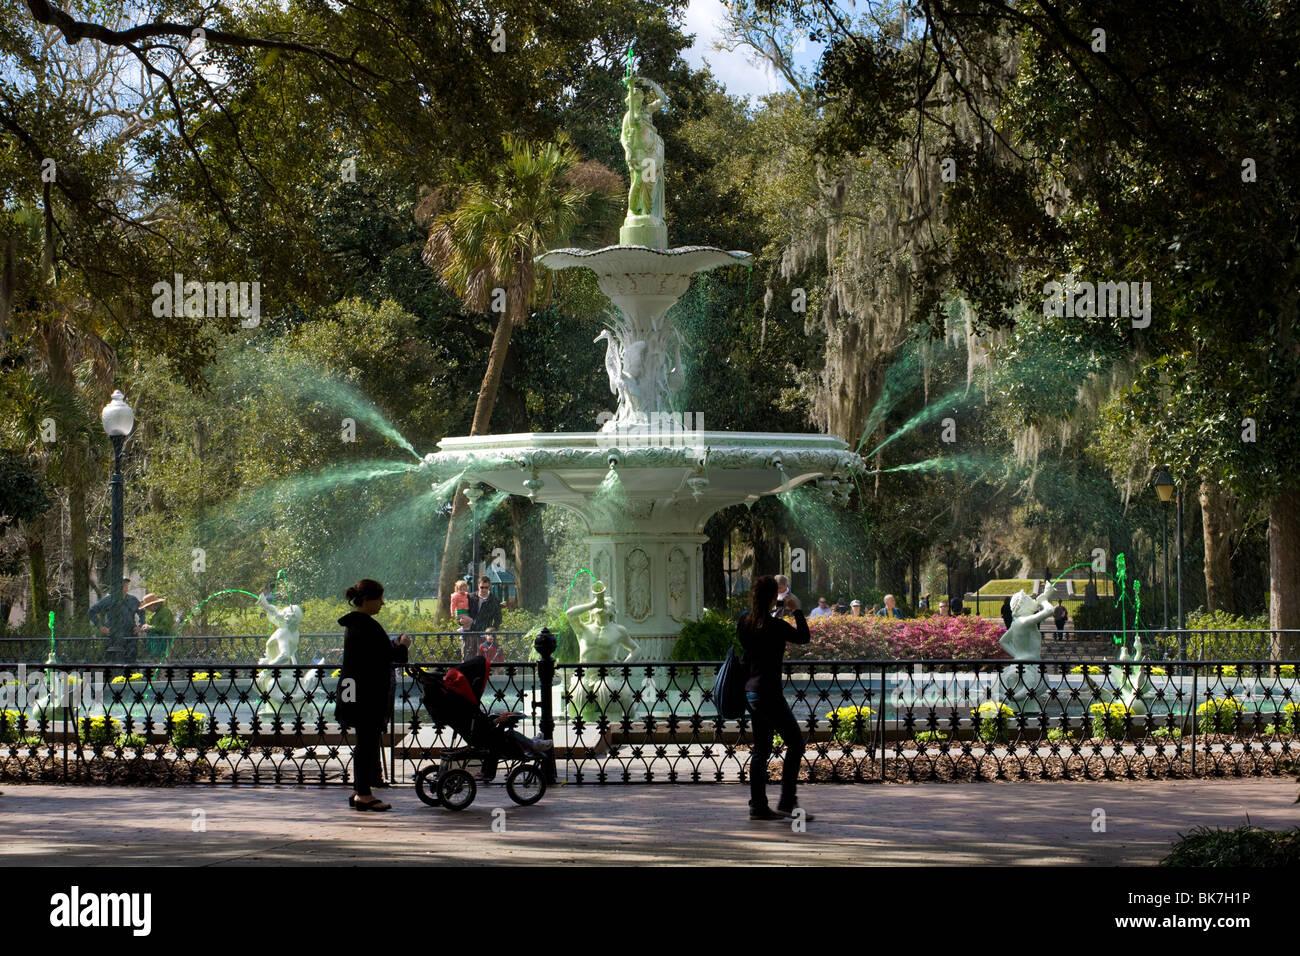 La grande fontaine dans Forsyth Park, de l'eau teint en vert pour la semaine précédant le jour de la Saint Patrick, Savannah, Georgia, USA. Banque D'Images